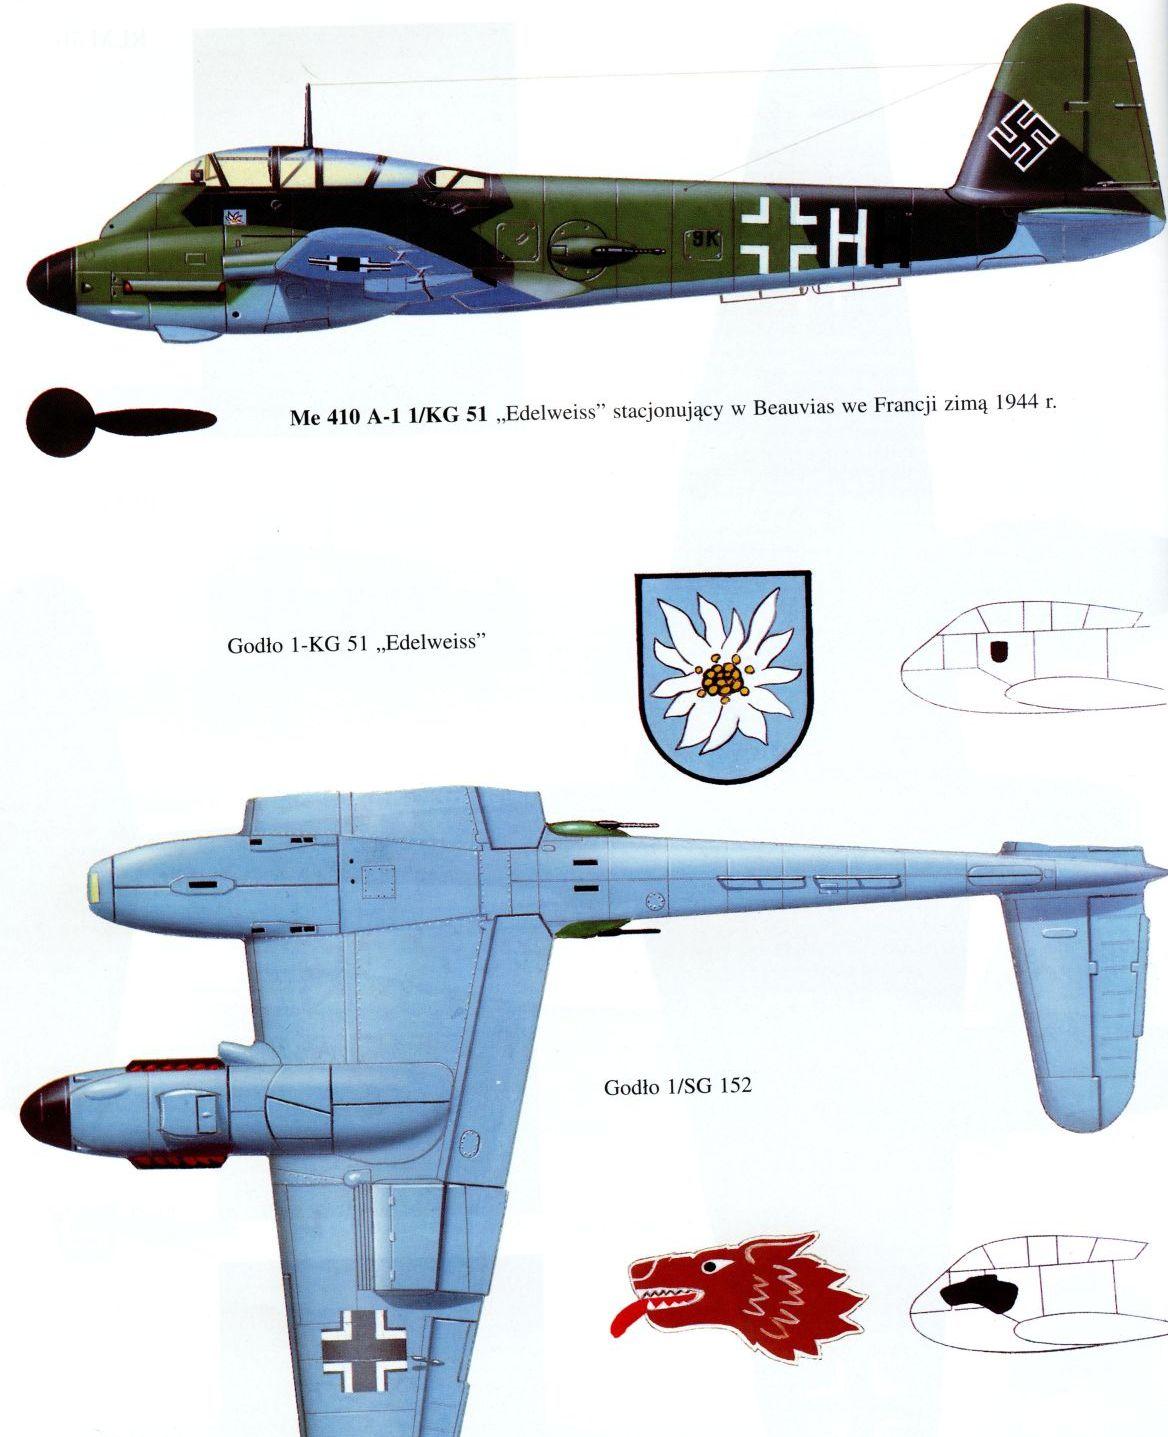 Messerschmitt Me 410A Hornisse 1.KG51 (8K+HH) France 1944 0B